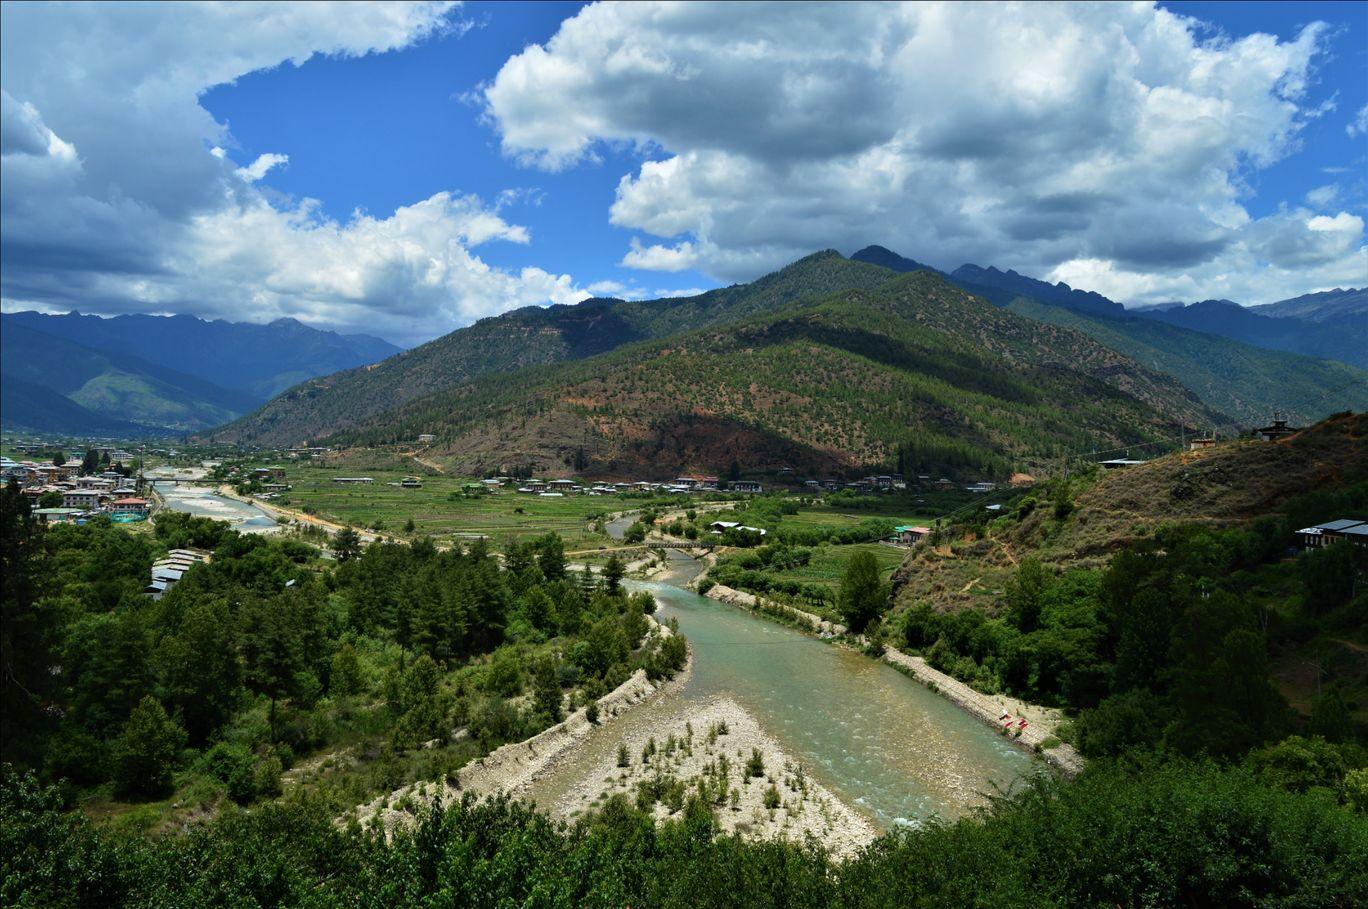 Photo of Bhutan By Pranav Mehendale